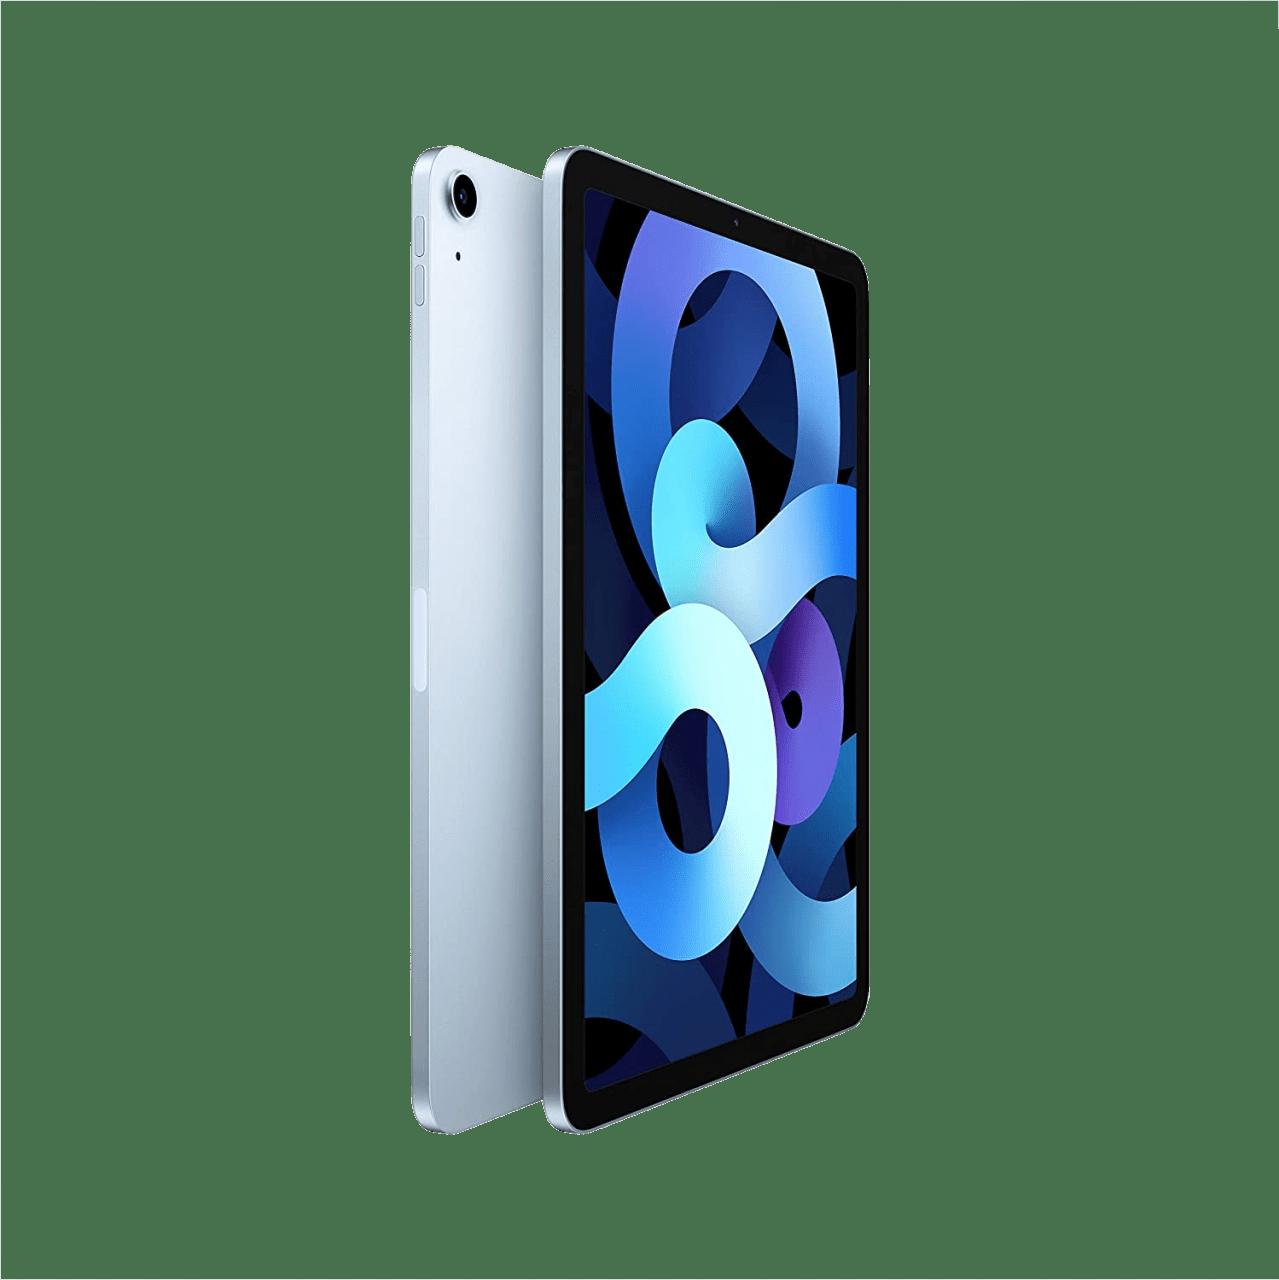 Sky Blue Apple iPad Air (2020) - LTE - iOS14 - 64GB.2